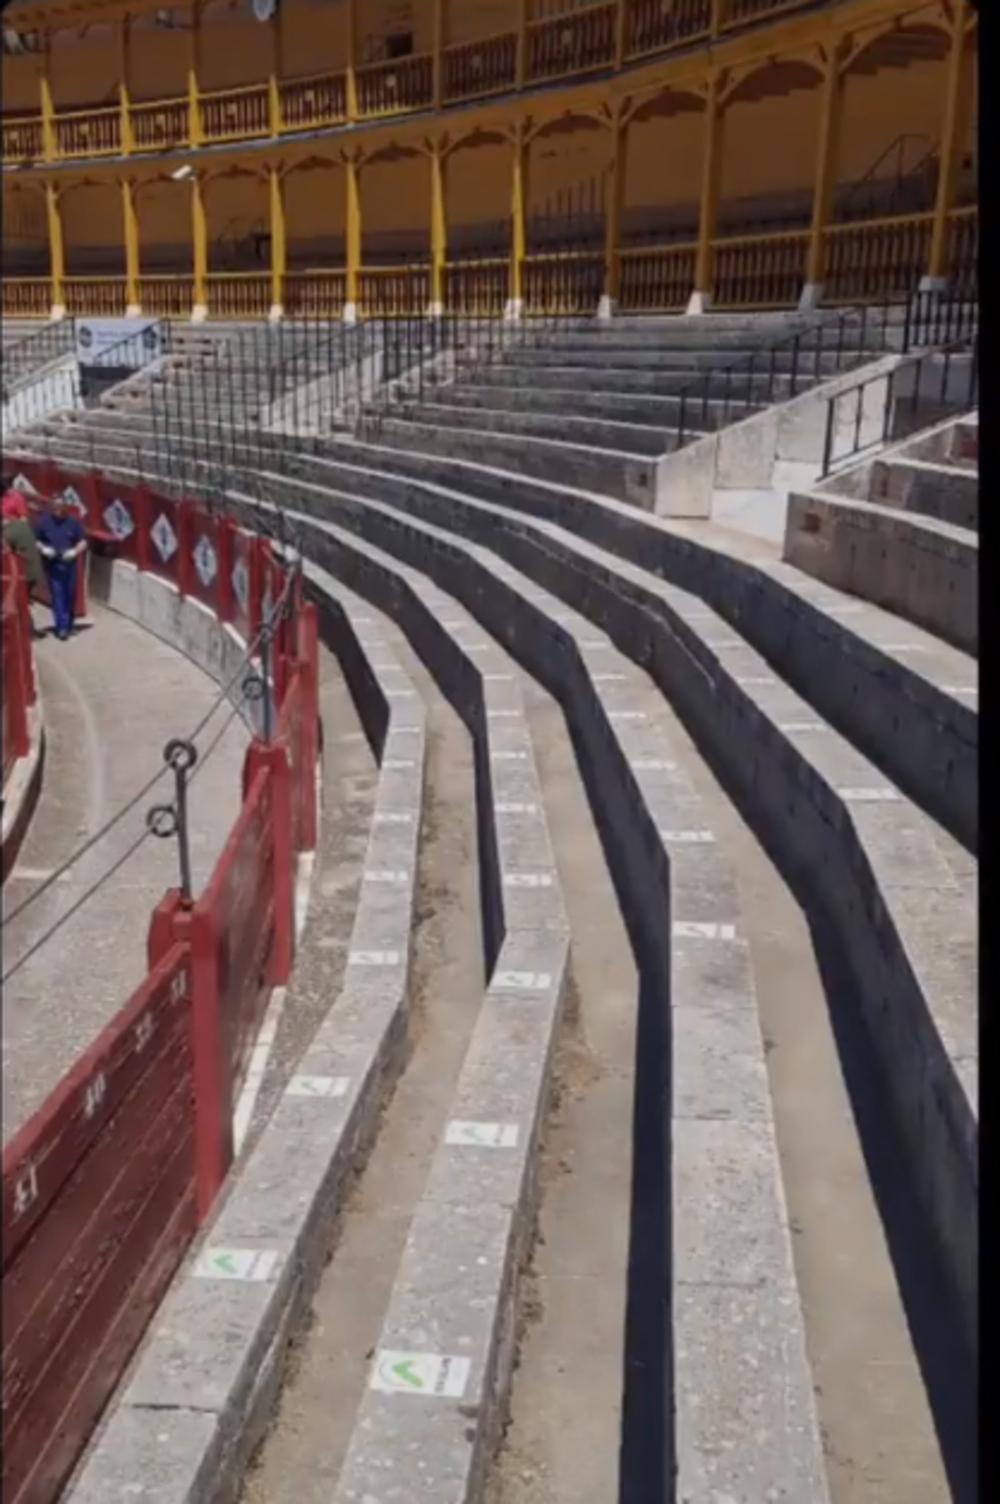 Los asientos preasignados están marcados en los tendidos